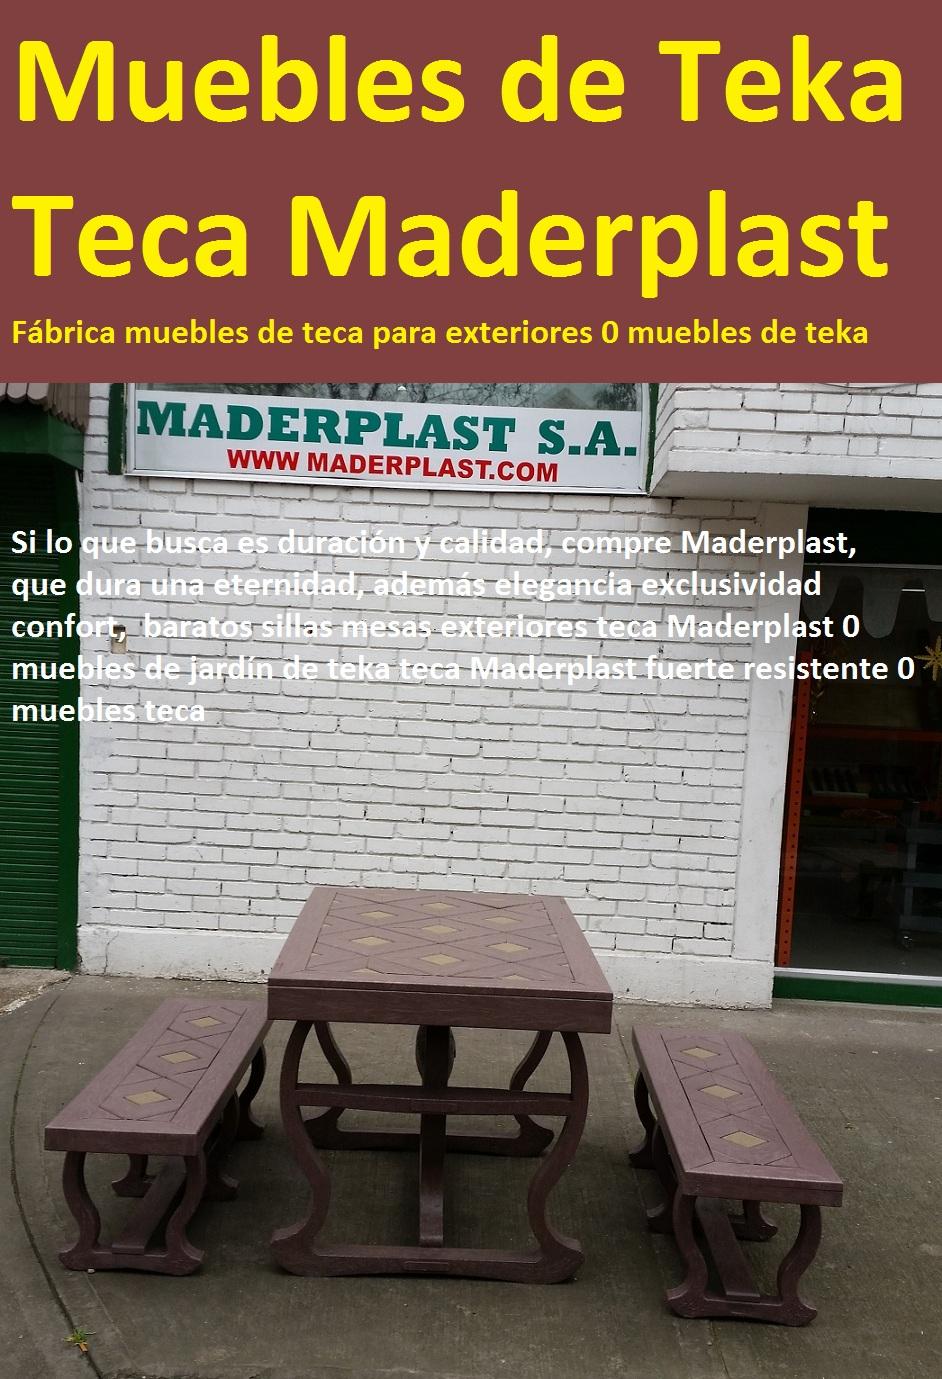 Muebles Teka Baratos - 17 Mesa Y Sillas Para Exteriores Pl Sticos Con Parasoles [mjhdah]http://www.cerilene.com/i/2017/09/muebles-super-baratos-en-barcelona-malaga-segunda-mano-1043×1043.jpg